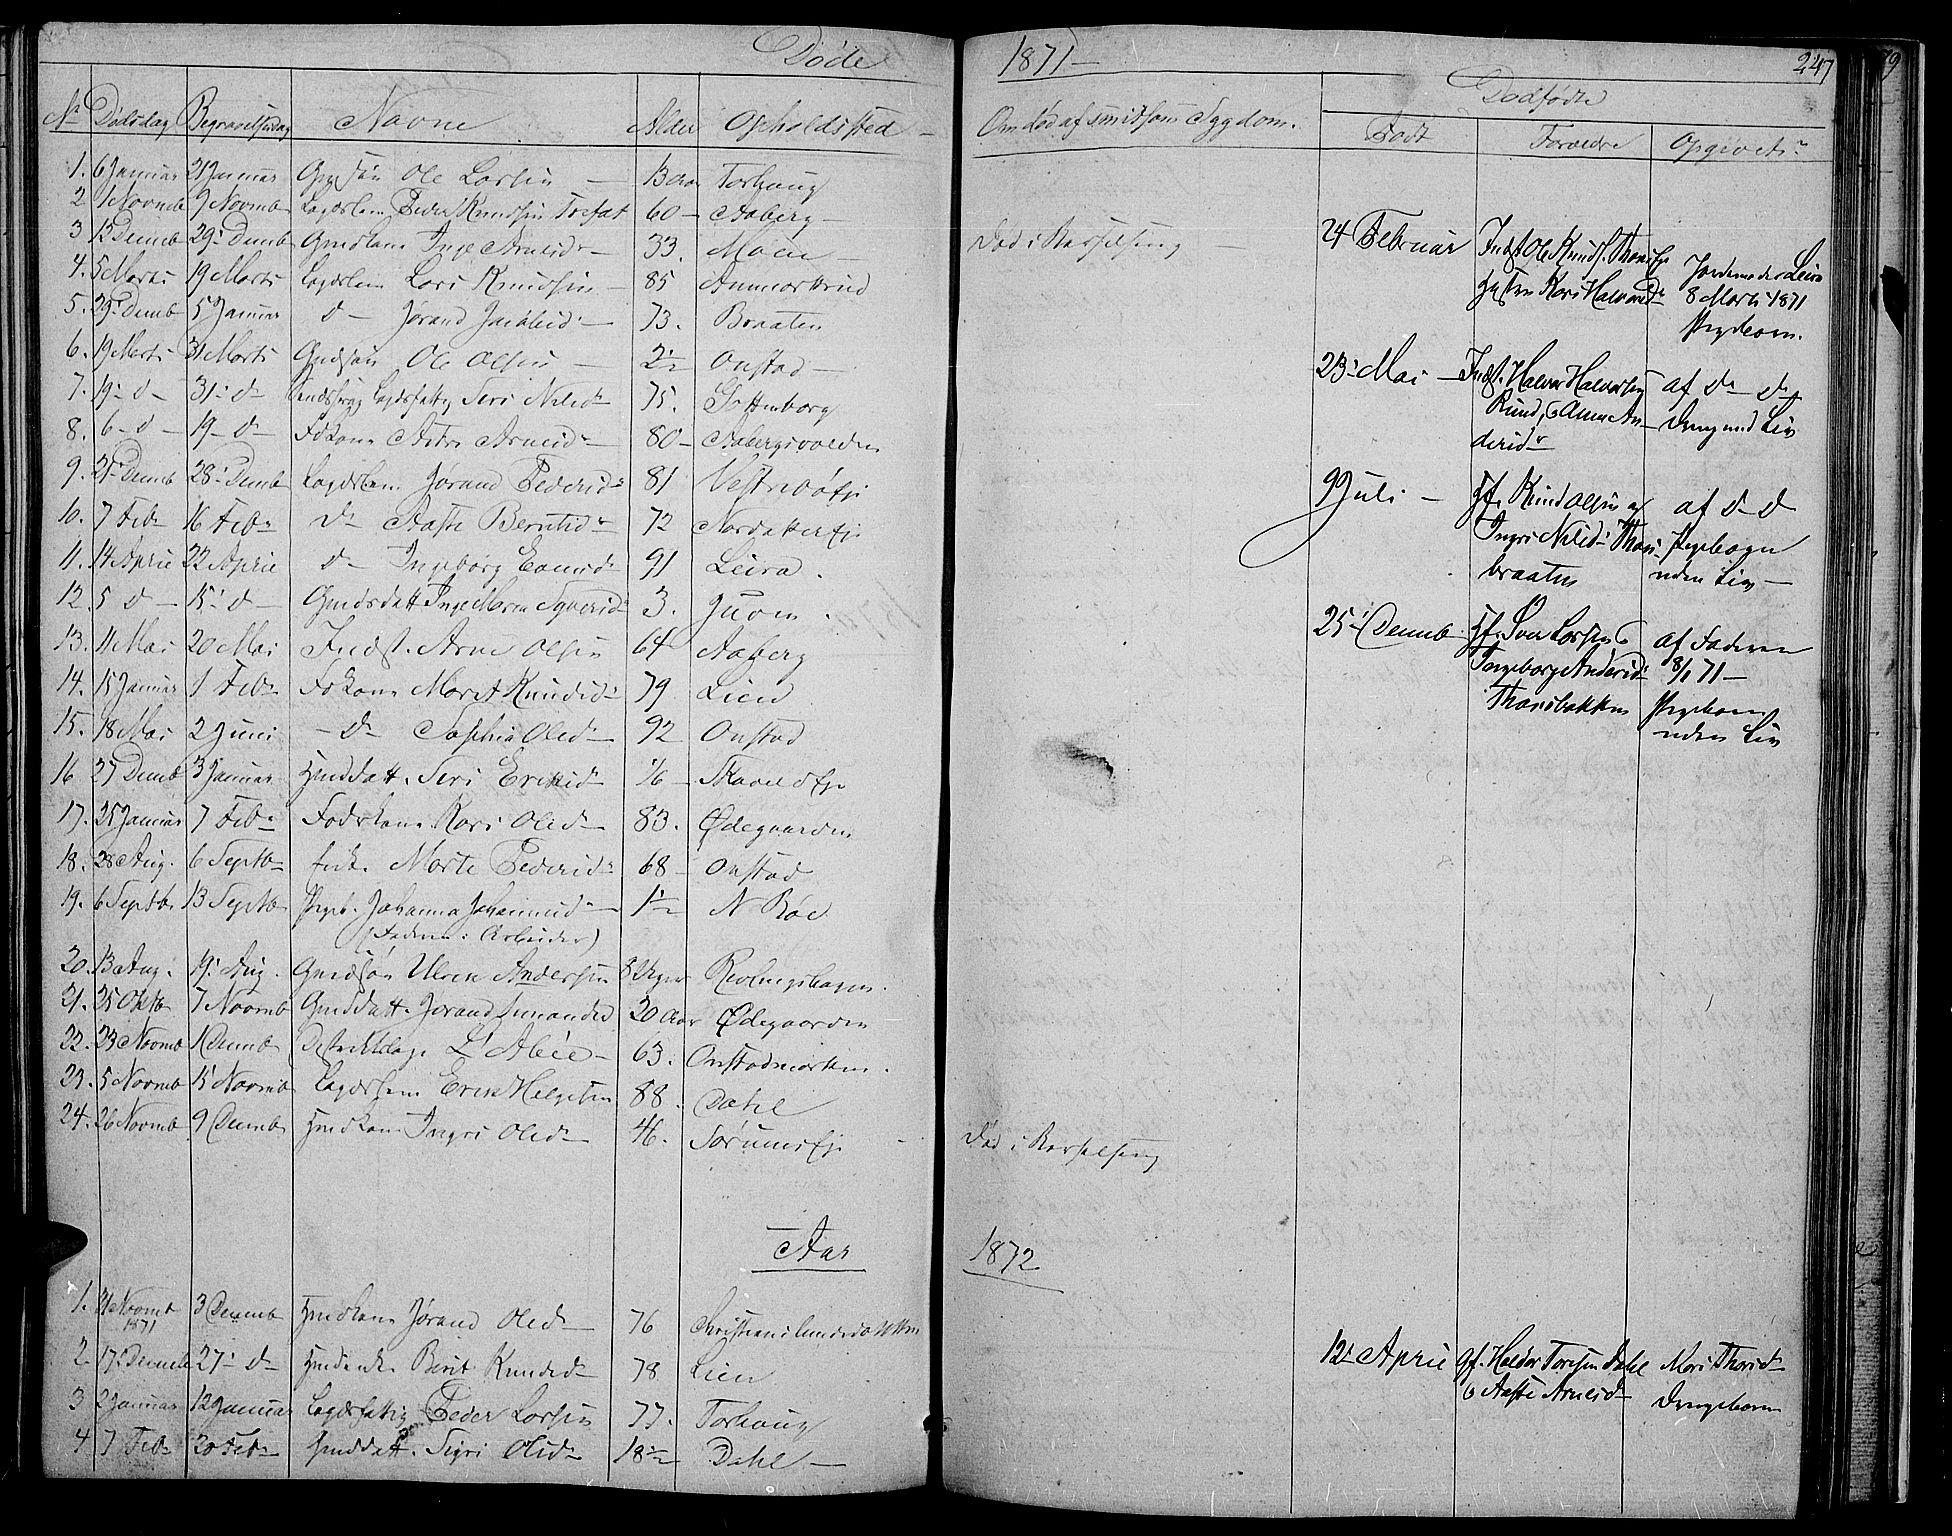 SAH, Nord-Aurdal prestekontor, Klokkerbok nr. 2, 1842-1877, s. 247